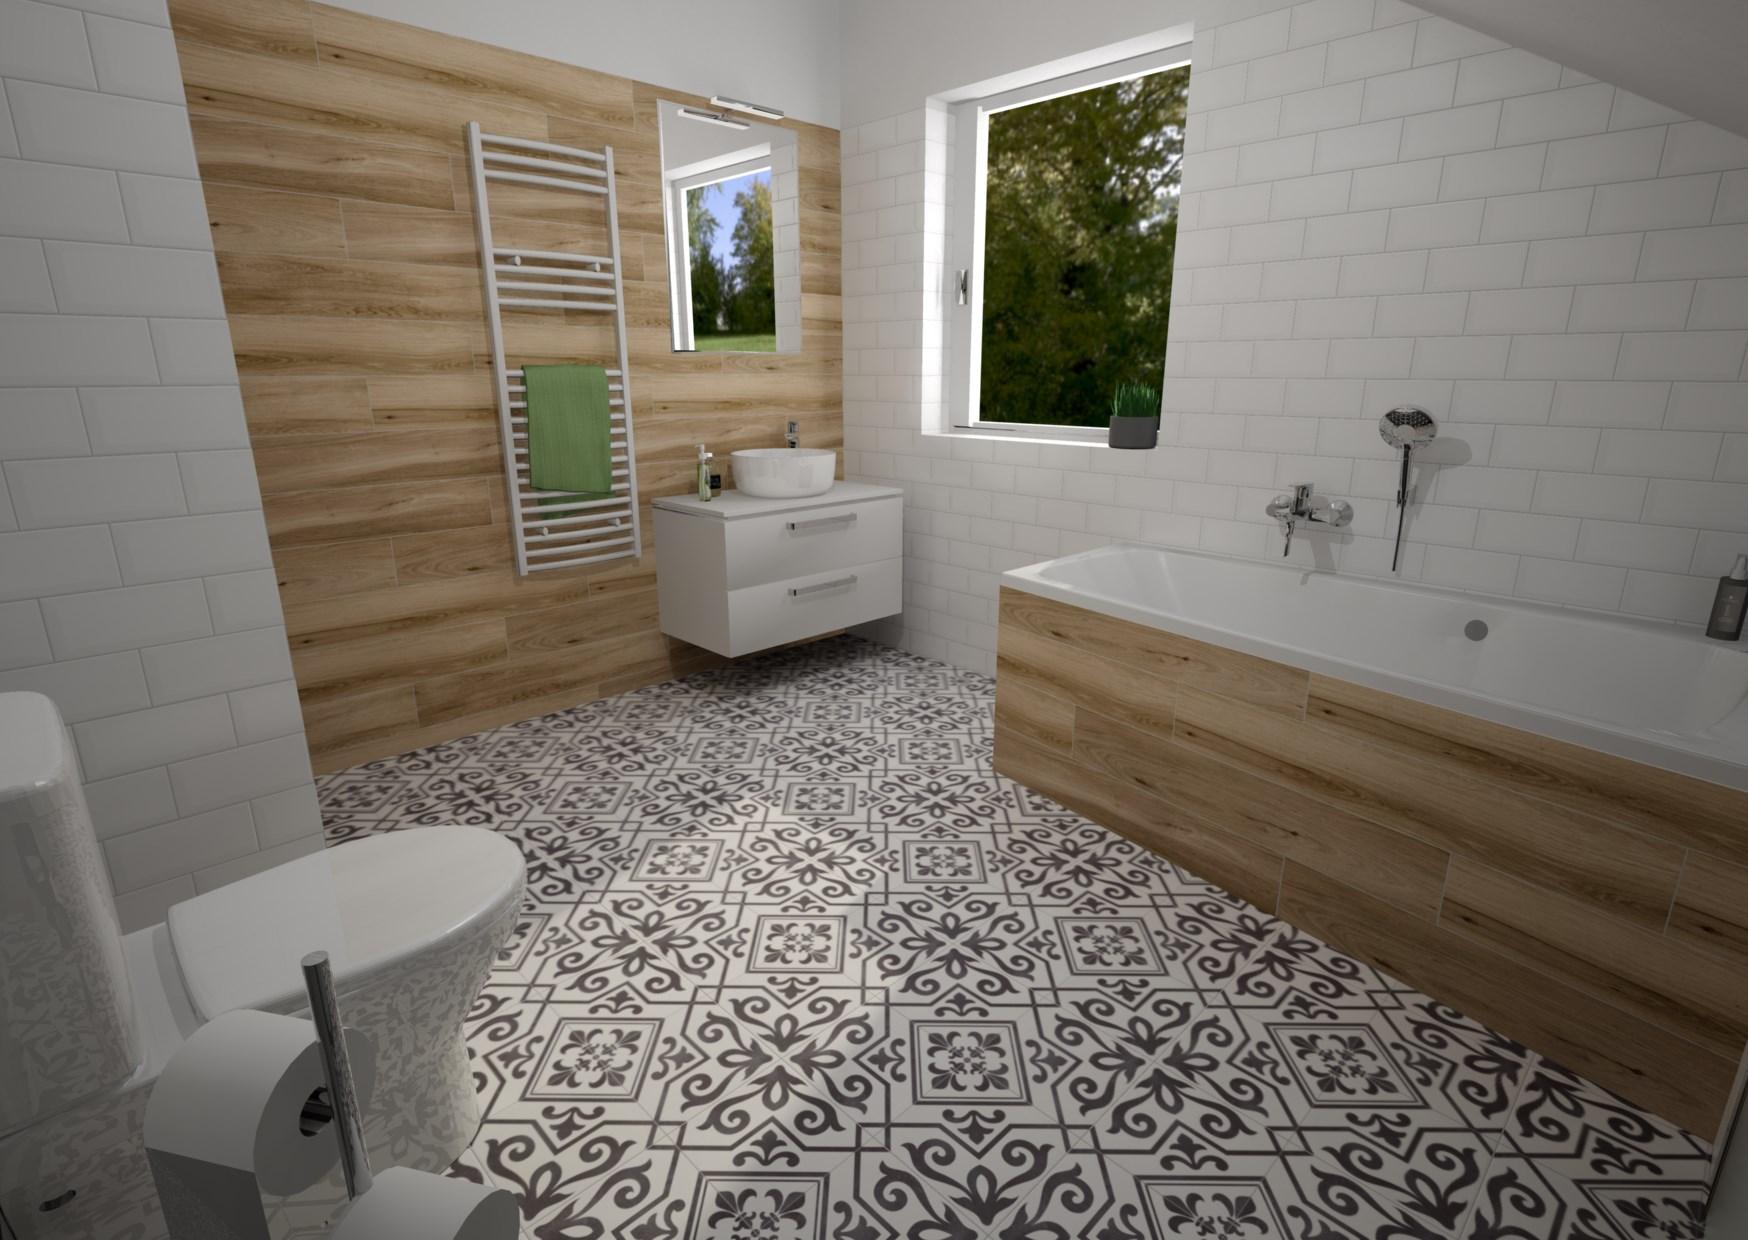 Ahoj všem, chtěla bych poprosit o názor na návrh koupelny:-) V plánu je bílo-dřevo-černá kombinace. Kulaté umyvadlo na desku, černé baterie a kulaté zrcadlo v černém rámu. Co se vám na návrhu líbí/nelíbí? Co byste upravili, změnili...? Předem díky za jakékoliv názory:-) - Obrázek č. 1